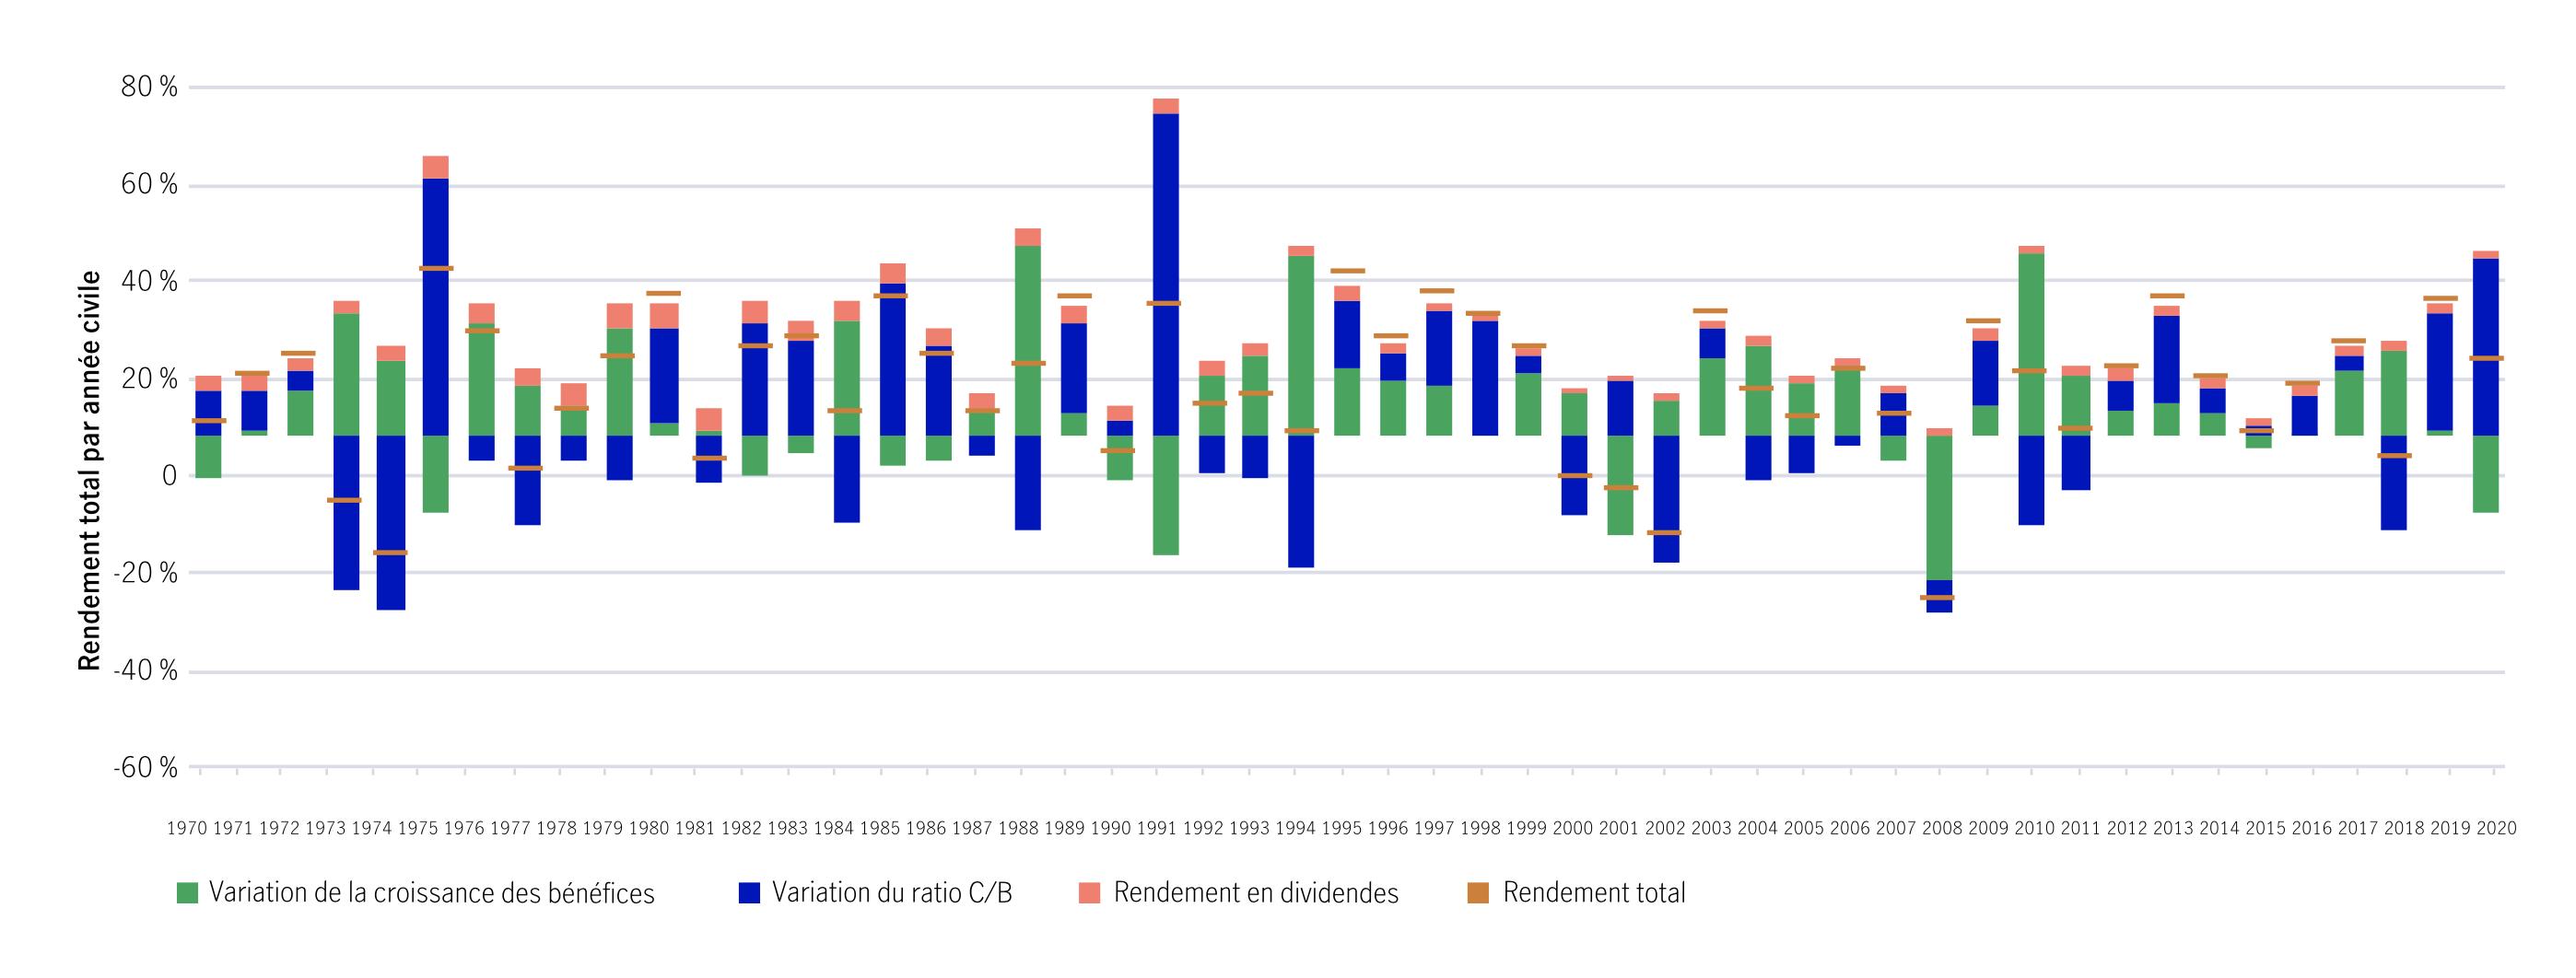 Contribution au rendement de la croissance des bénéfices, du ratio cours-bénéfice et des dividendes De 1970 à 2020